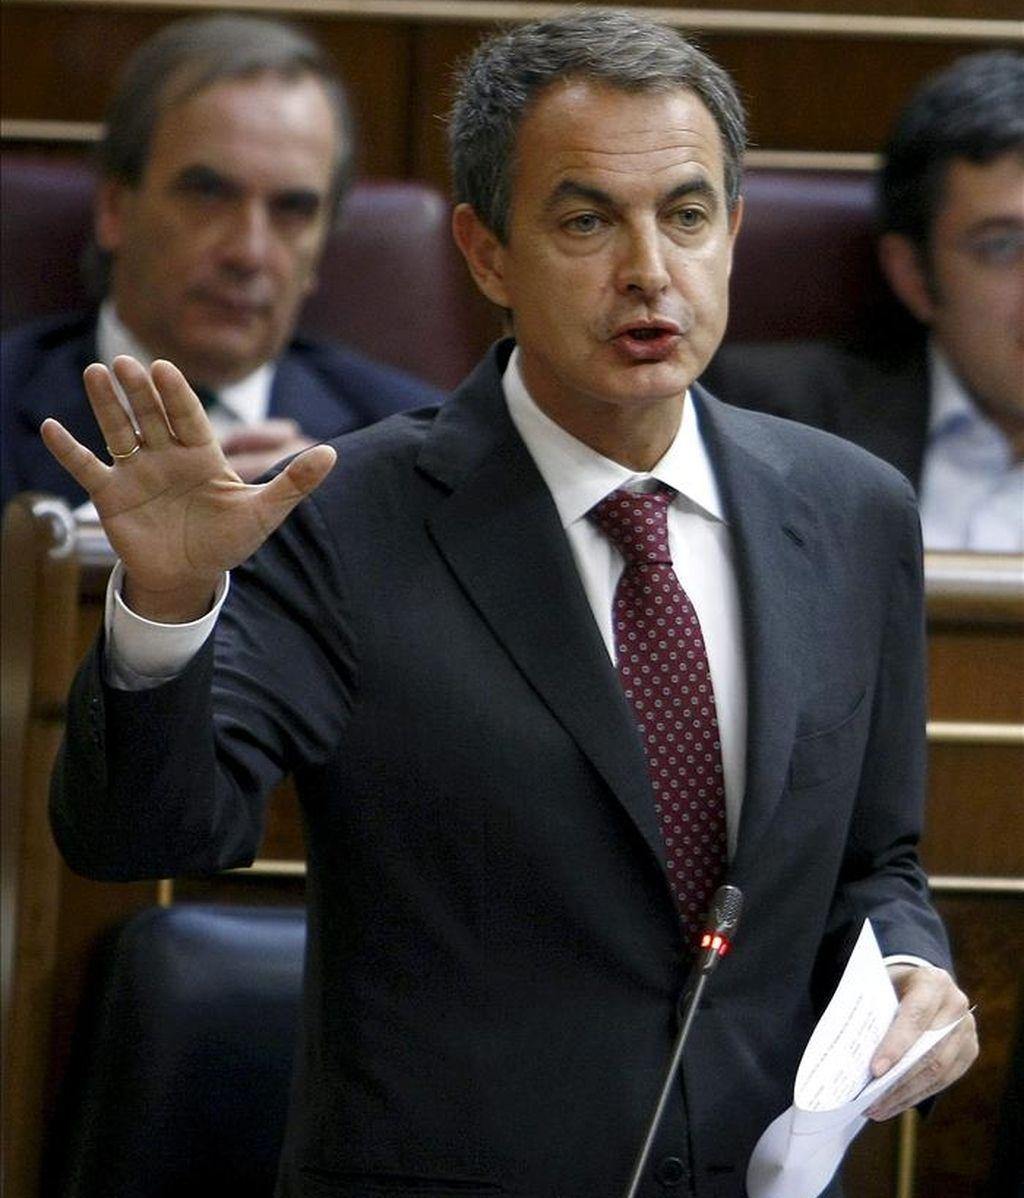 El presidente del Ejecutivo, José Luis Rodríguez Zapatero, durante una de sus intervenciones en la sesión de control al Gobierno del Pleno del Congreso. EFE